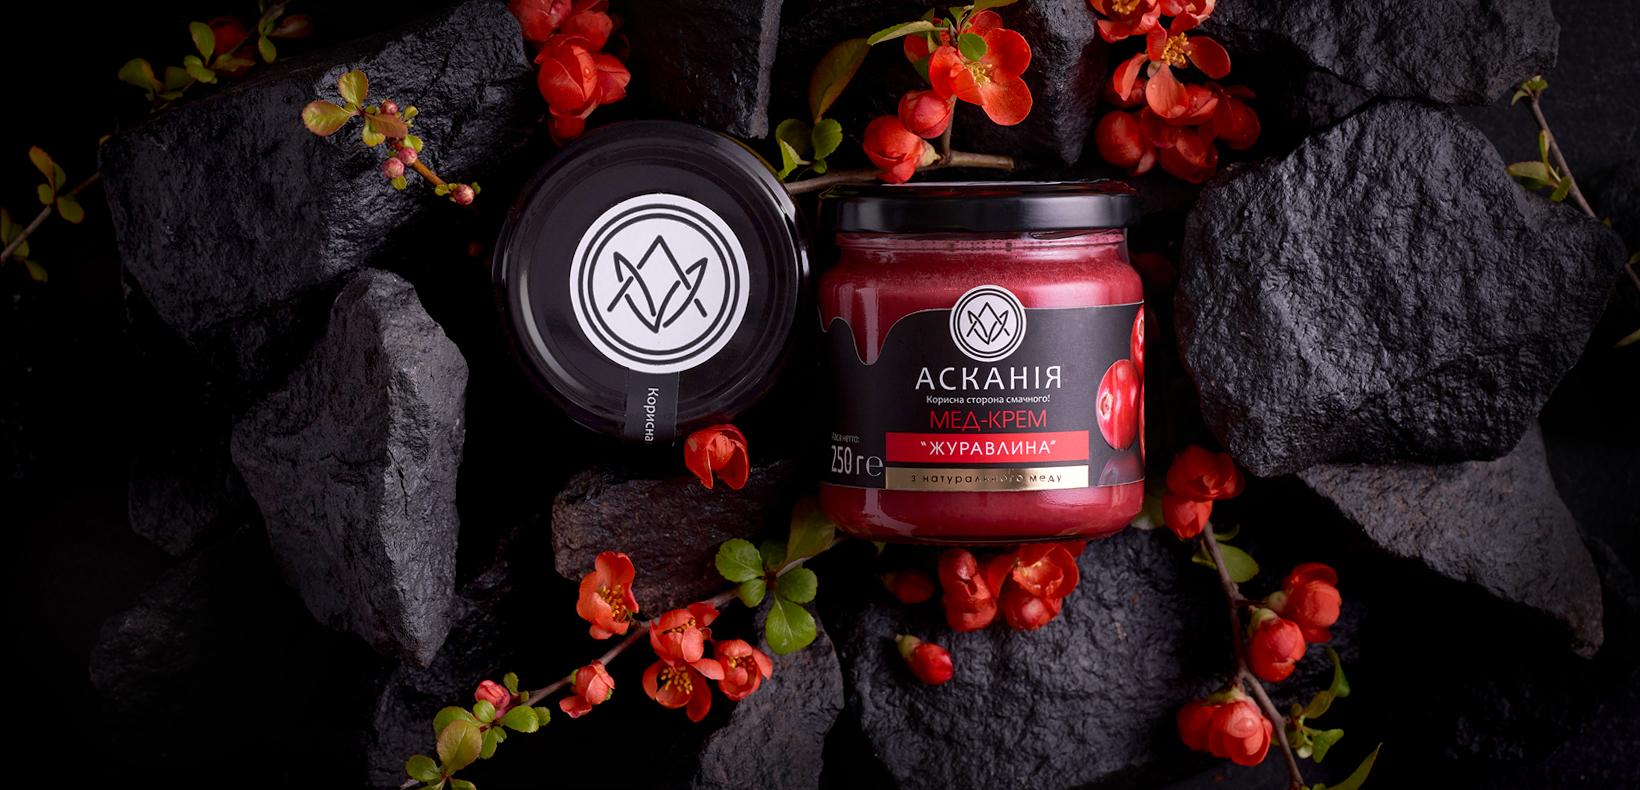 упаковка крем-меда Ascania